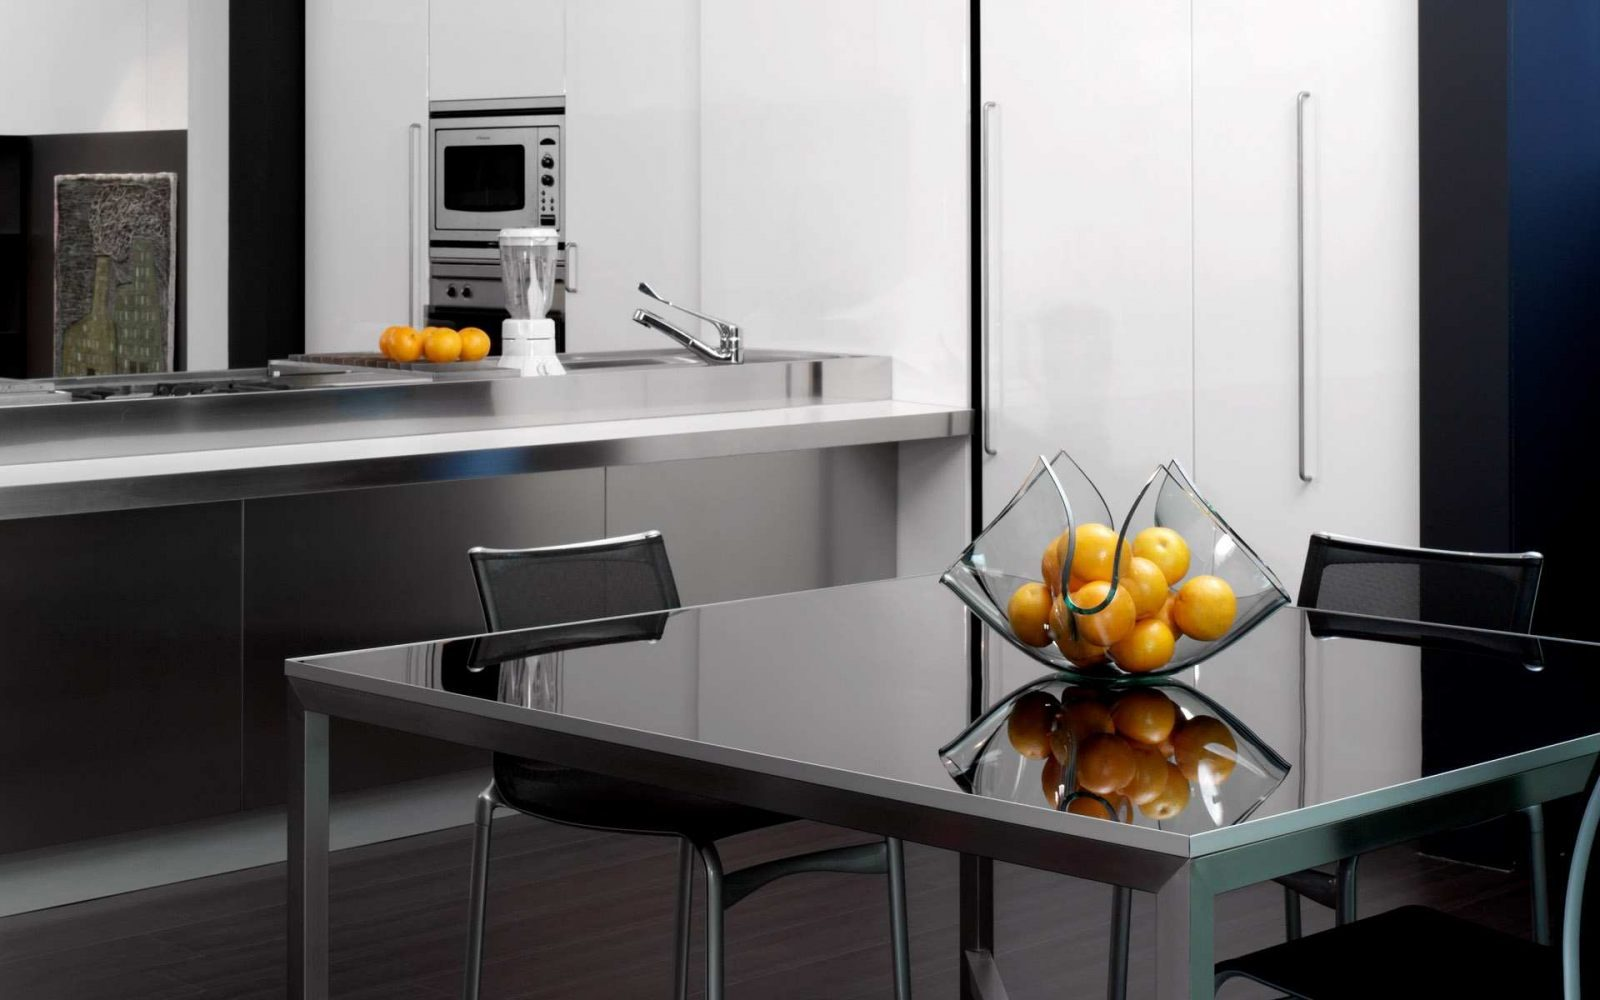 Mesa De Cocina De Cristal Im Genes Y Fotos